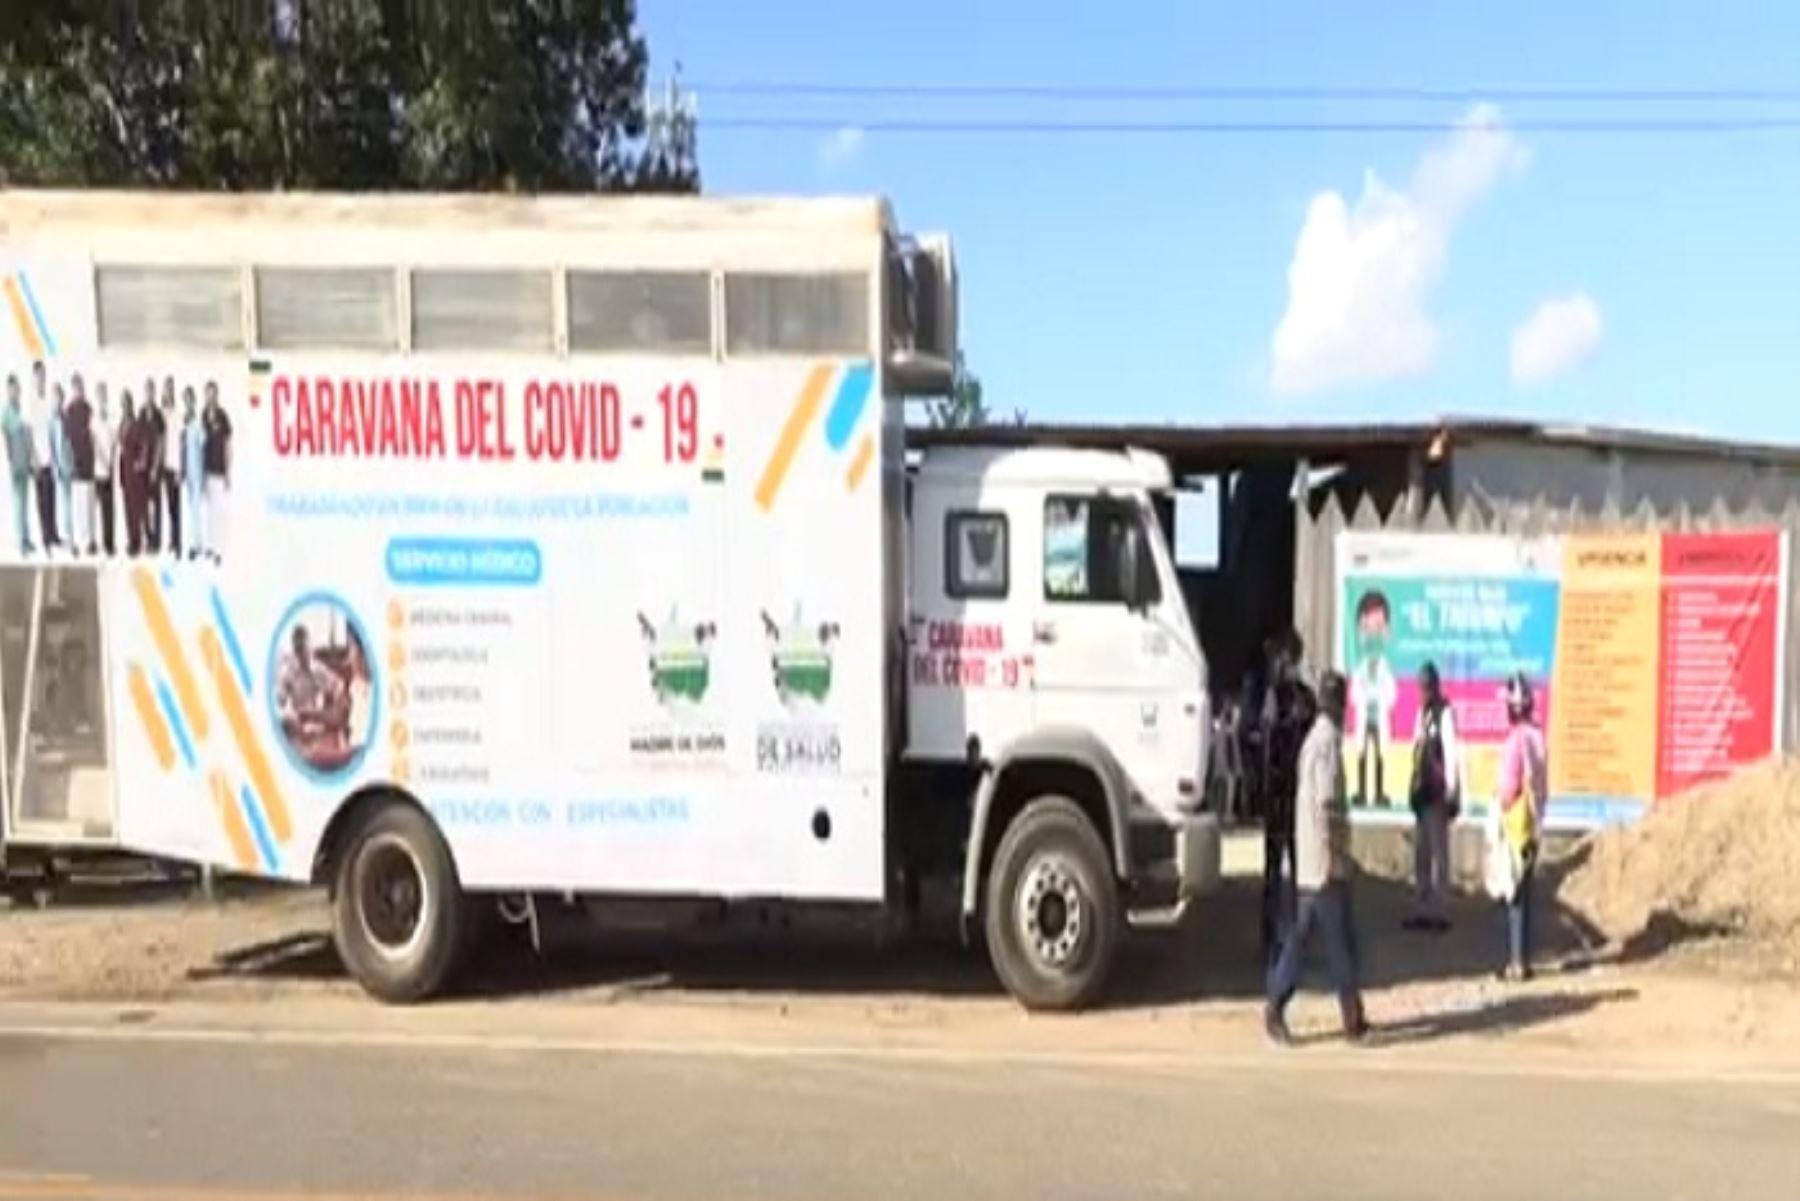 """La """"Caravana Covid-19"""" se desplazará en los próximos días a Inambari y Tahuamanu, región Madre de Dios, en la selva sur peruana."""